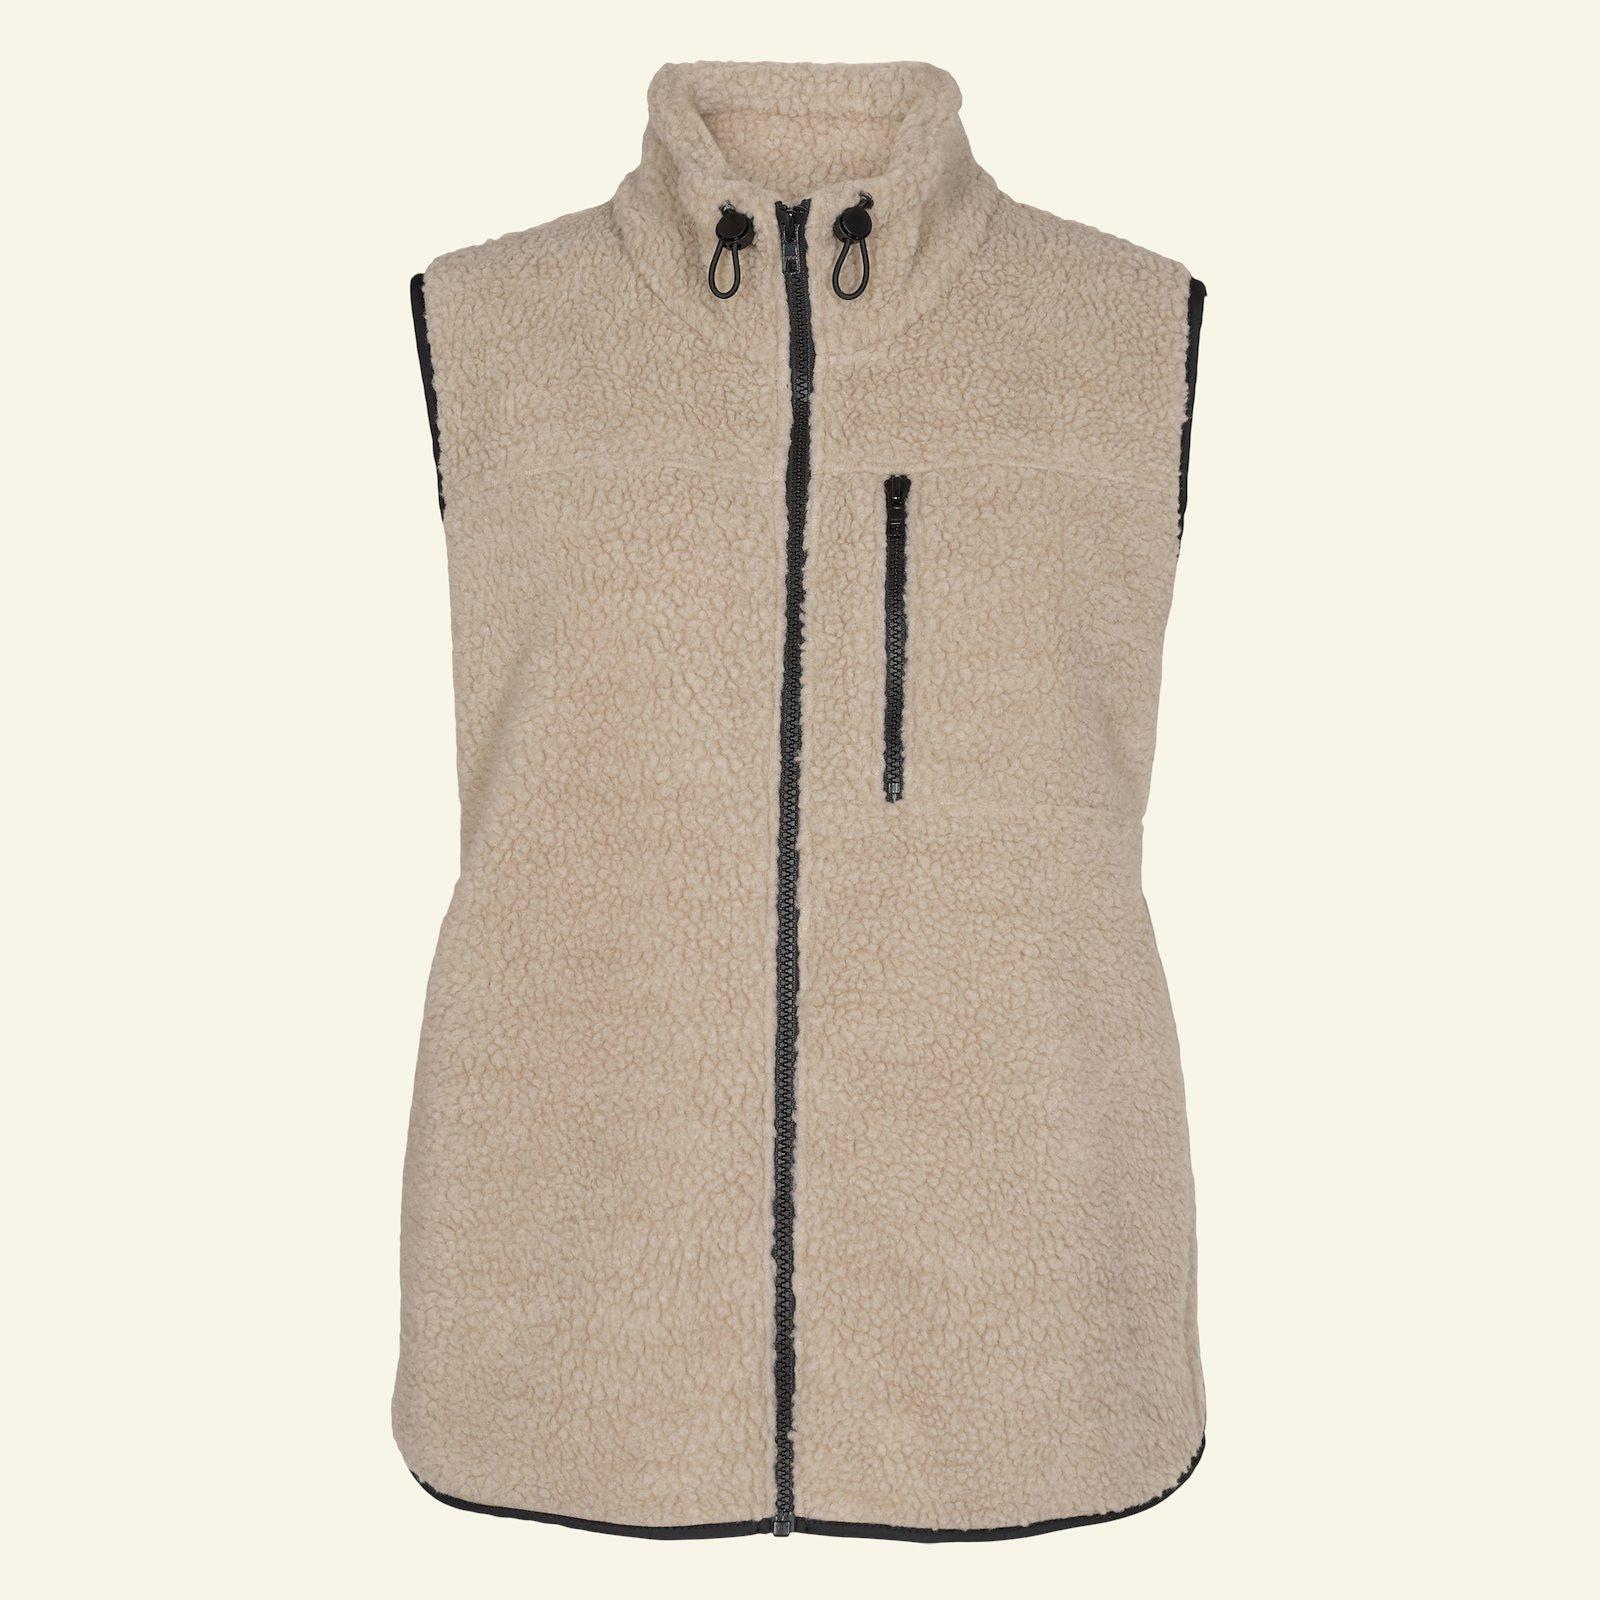 Jacket and waistcoat, 40/12 p24049_910273_271504_64080_sskit